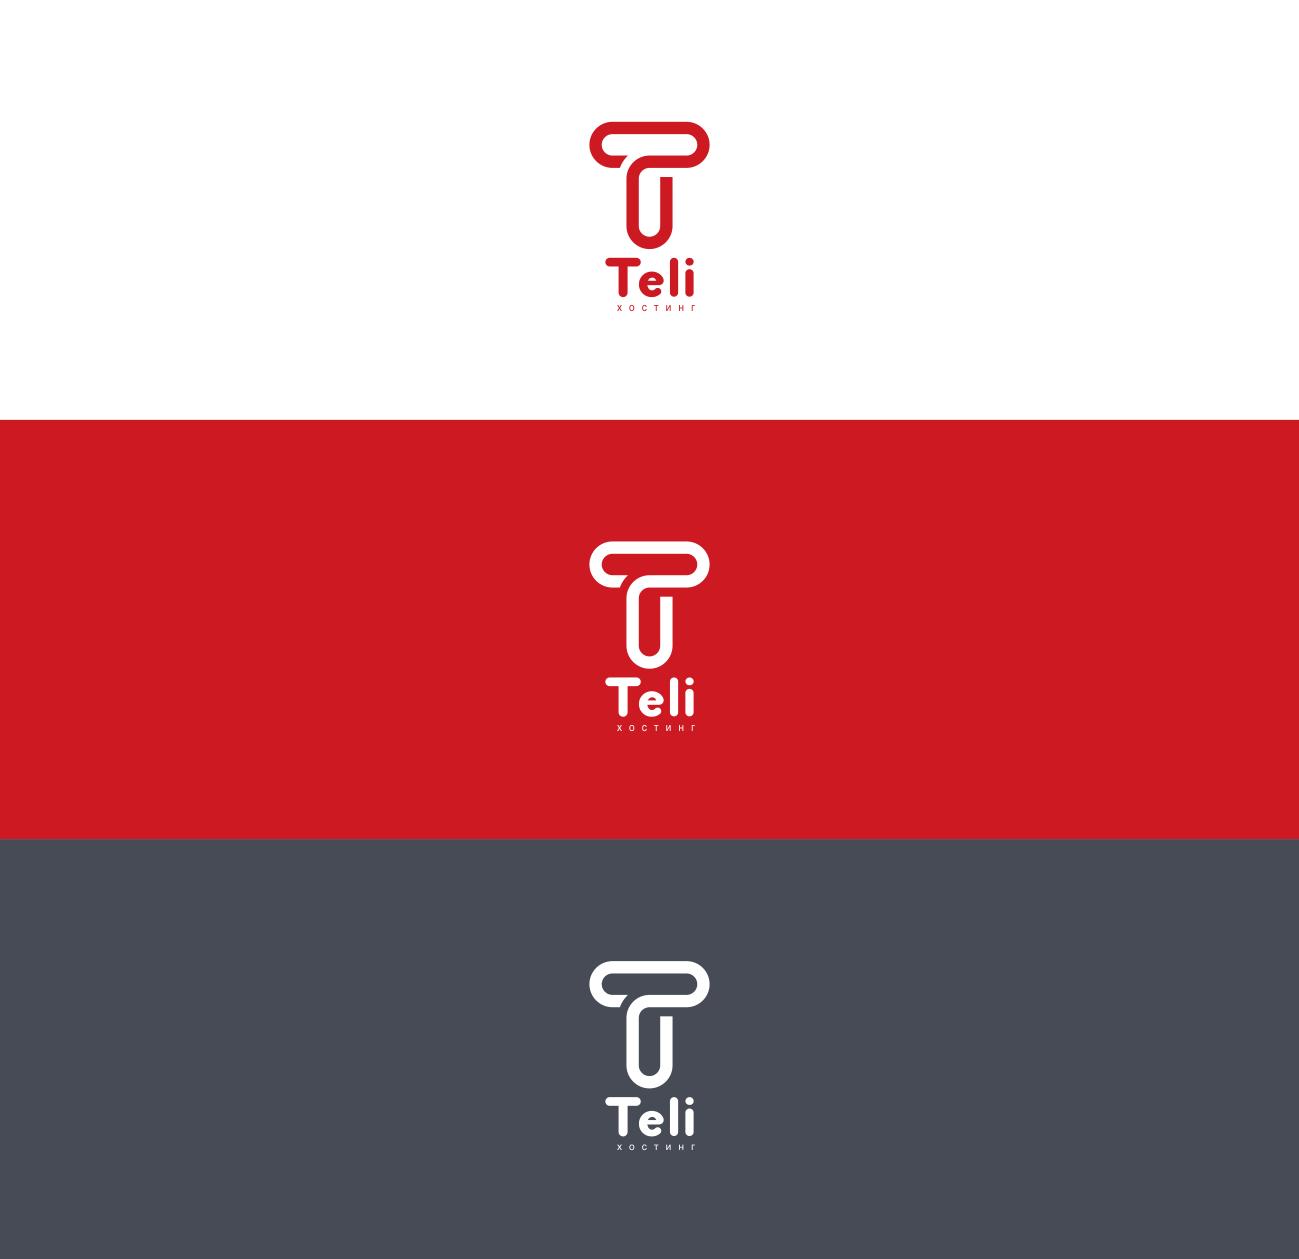 Разработка логотипа и фирменного стиля фото f_22158fbbb7483e2d.png